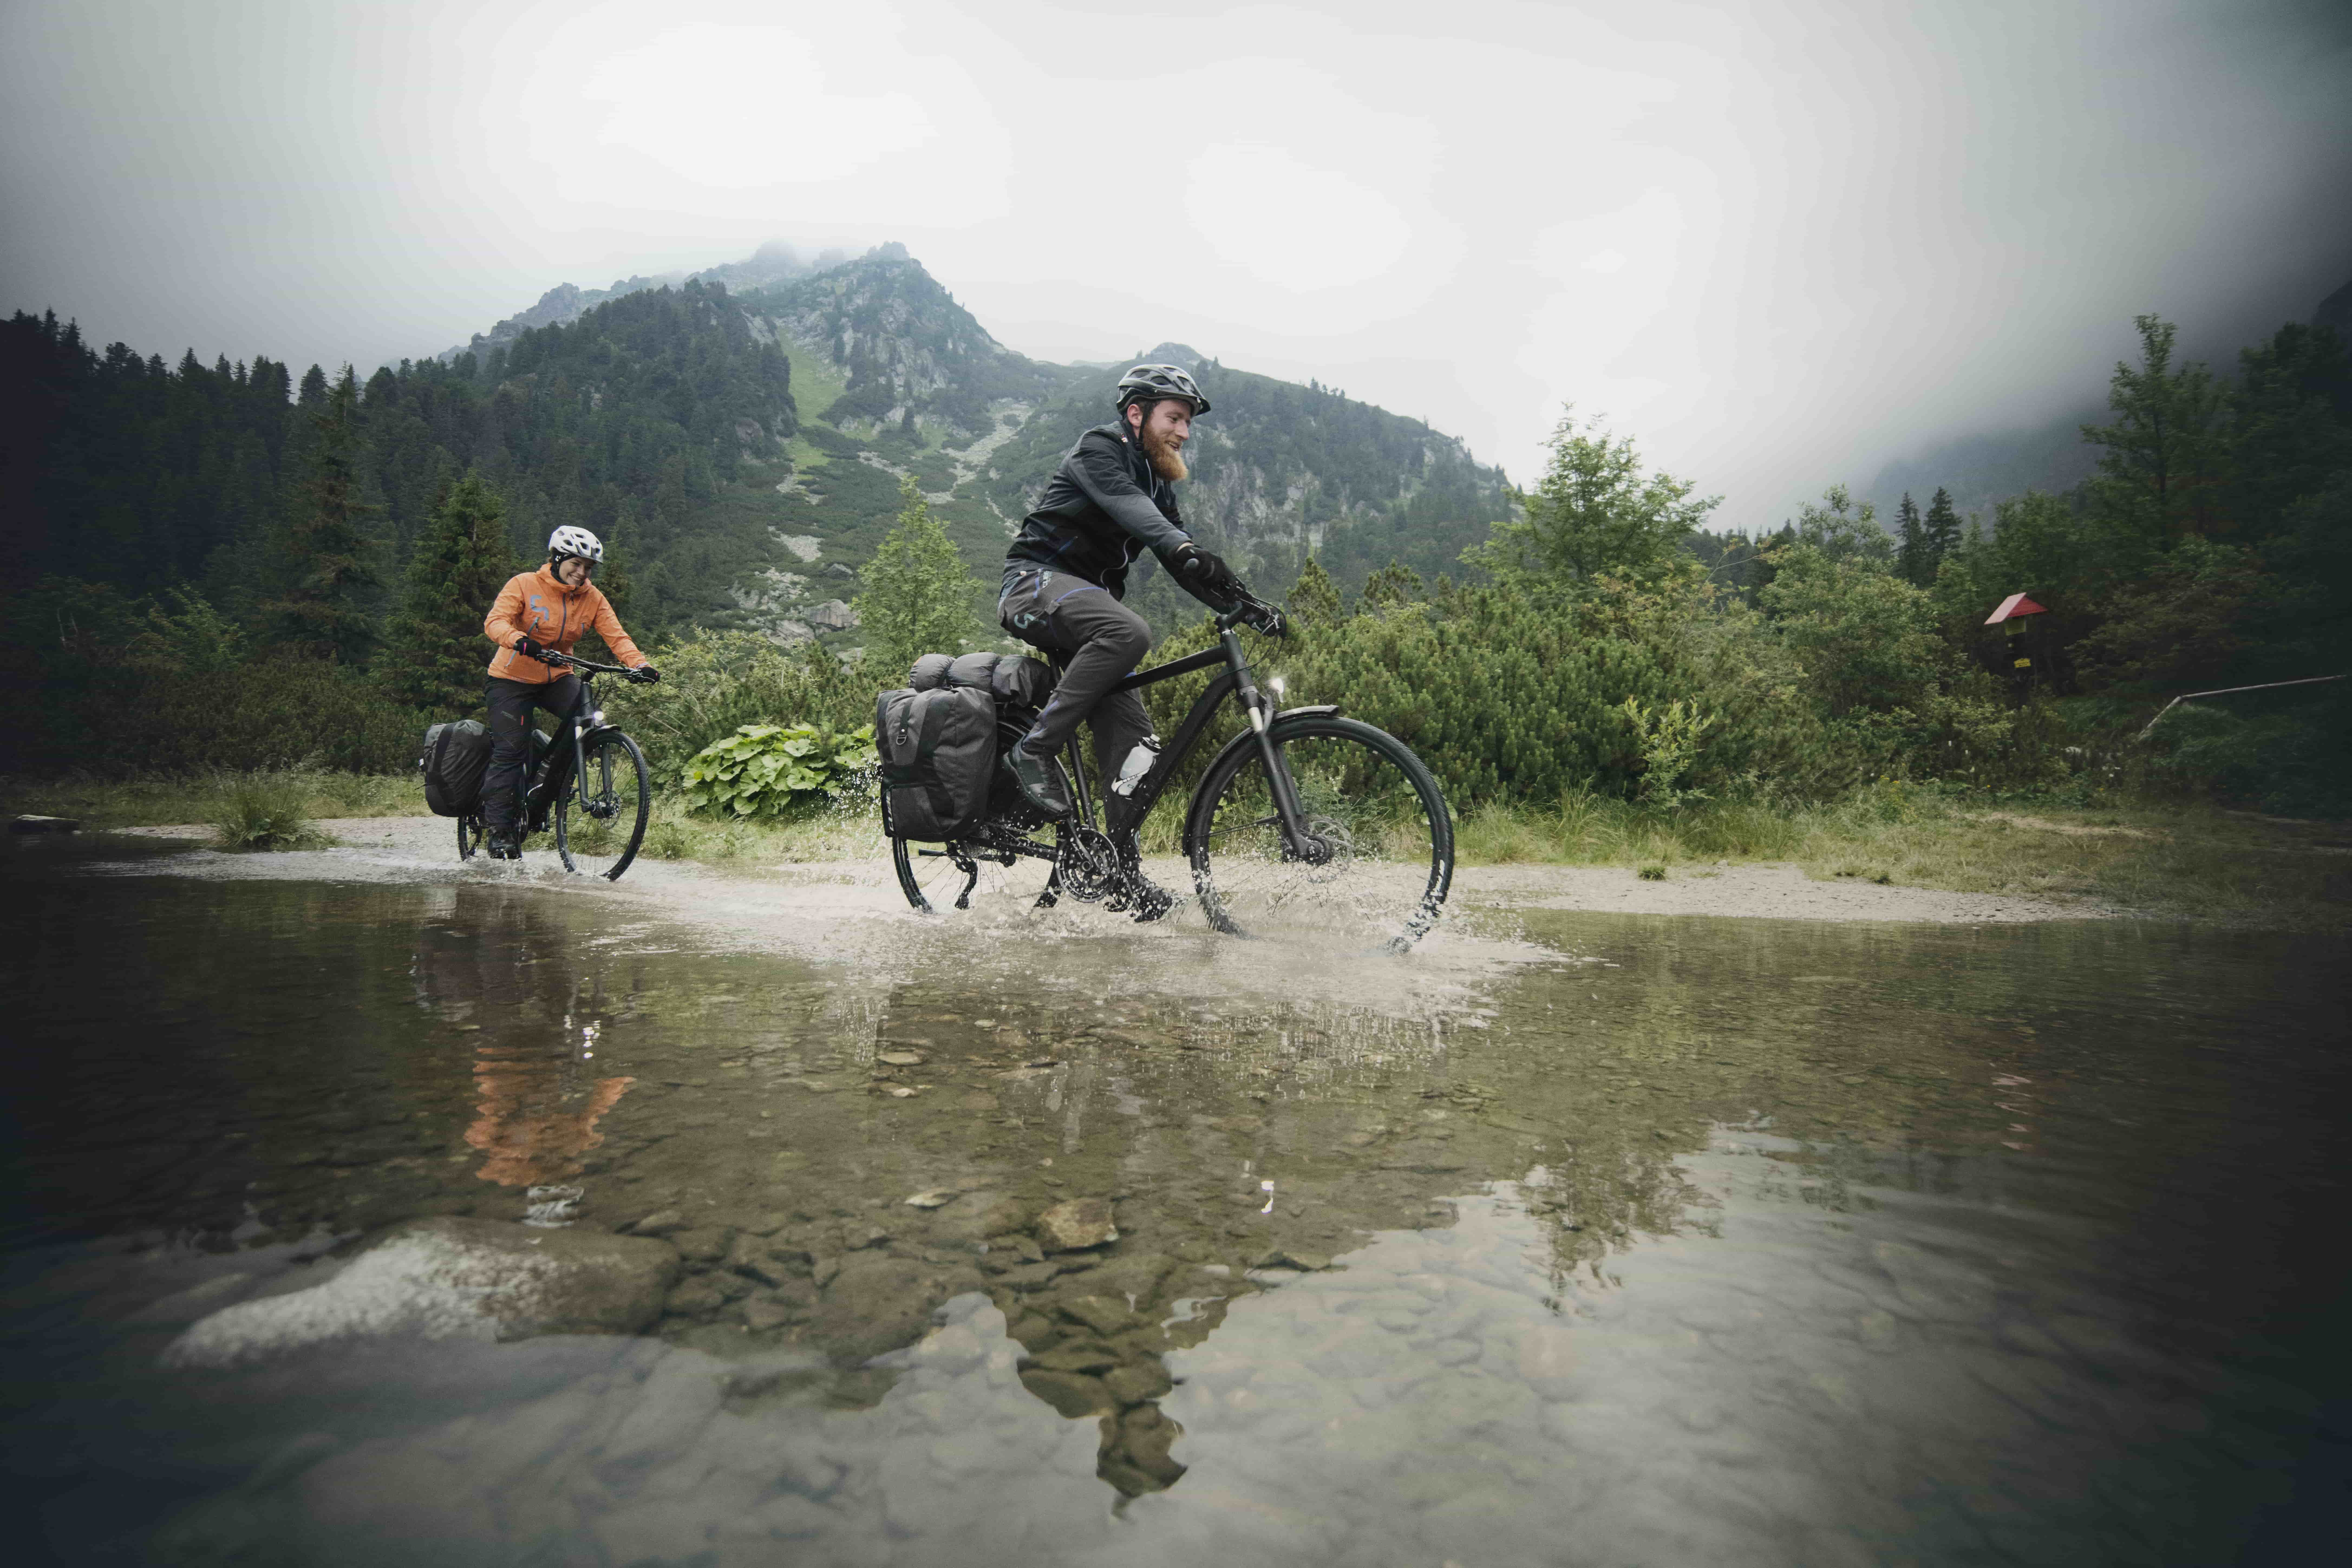 Rodzaje rowerów, krótki przewodnik rowerzysty. Cz.2 – rowery miejskie, crossowe i trekkingowe.